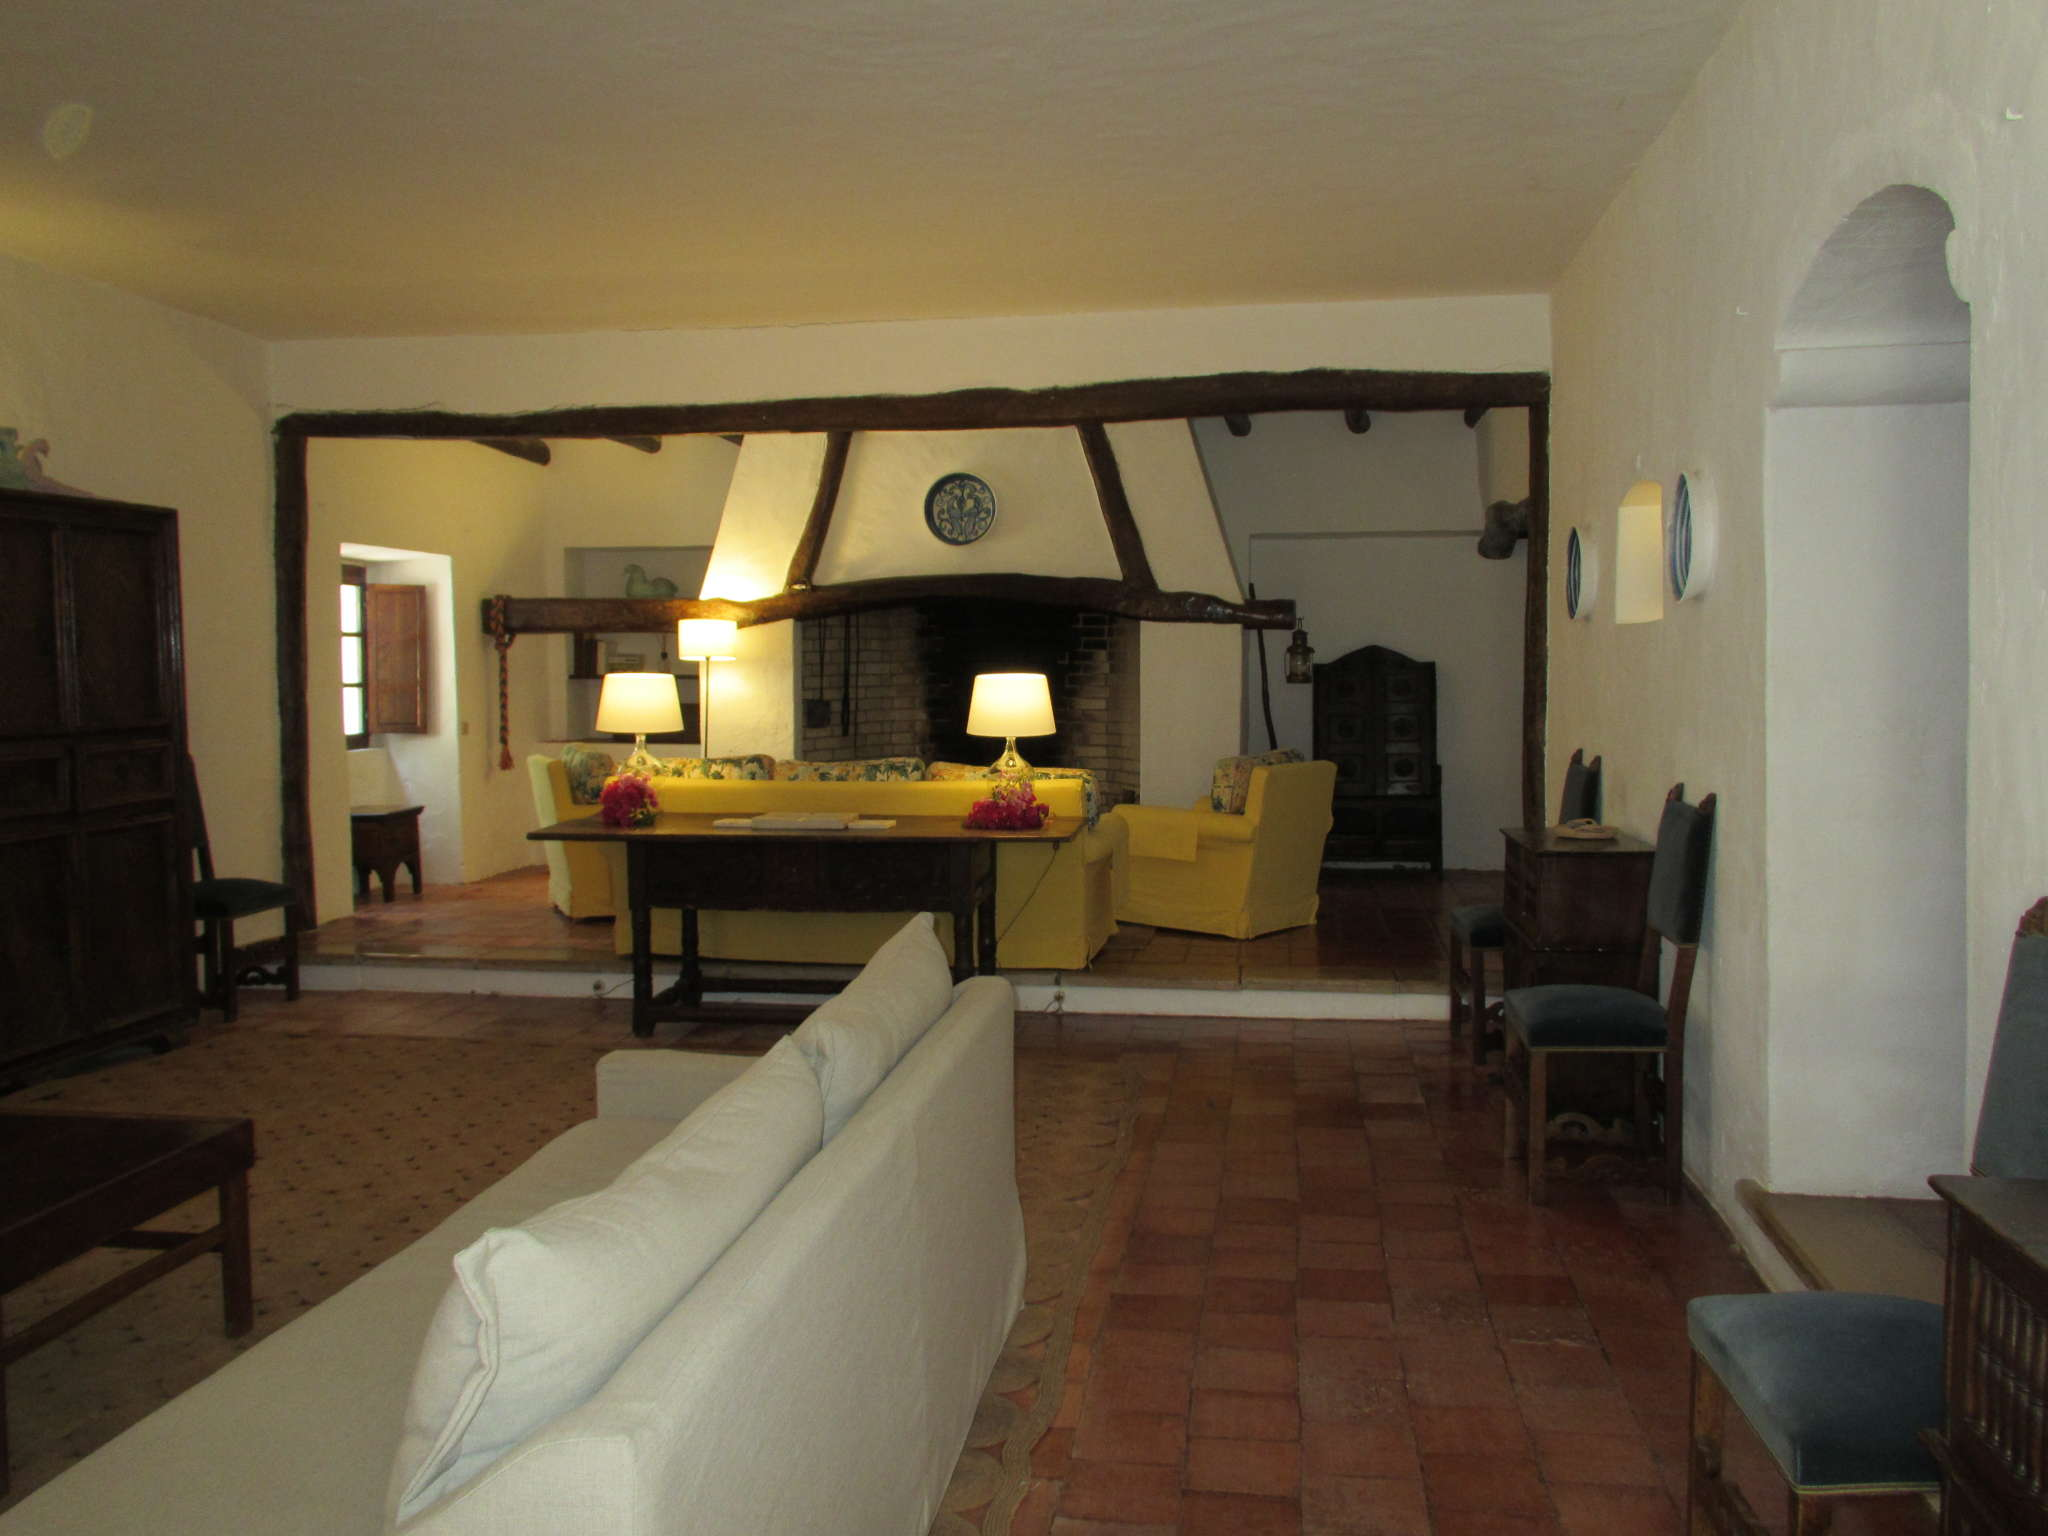 gr. Wohnzimmer mit riesen Kamin